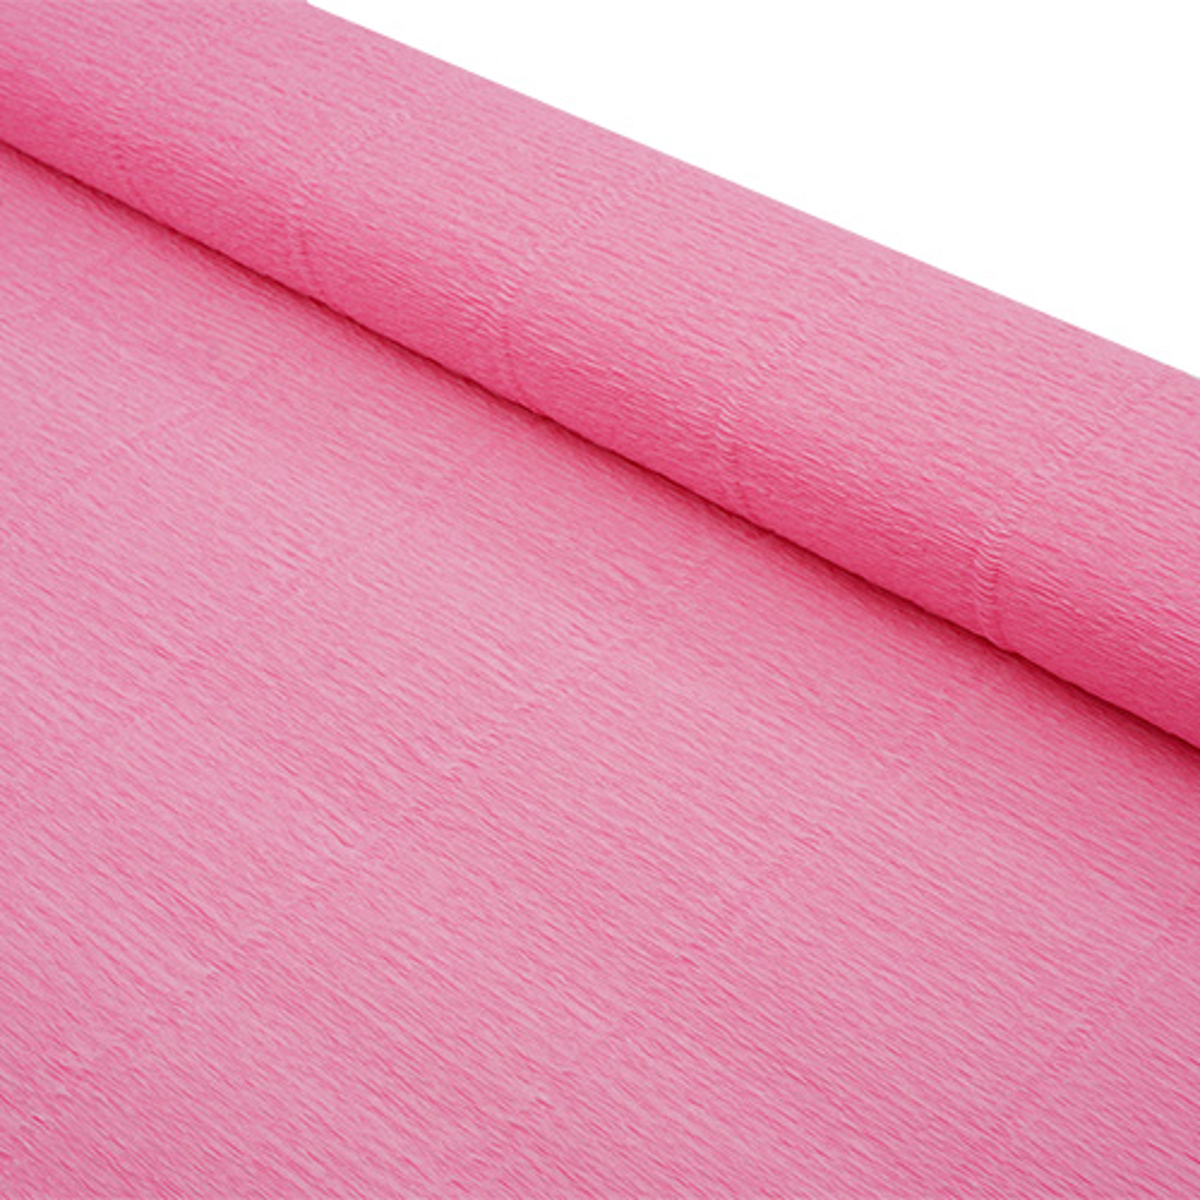 87527561 Бумага гофрированная простая, 50см*2,5м 140гр 949 светло-розовая